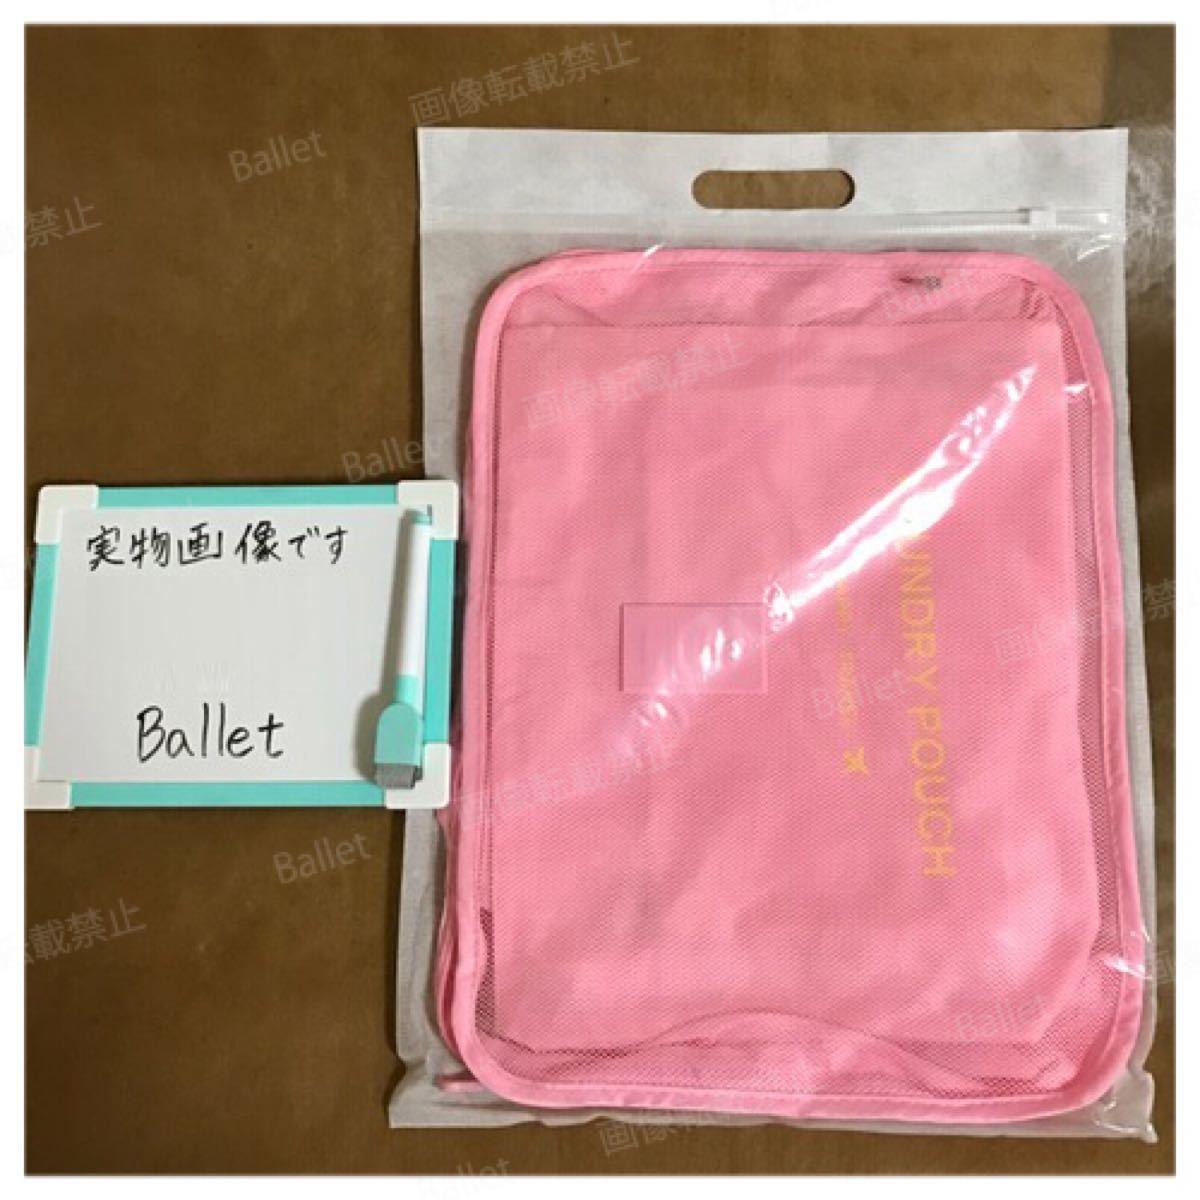 トラベルポーチ ピンク トラベルケース 旅行 収納 ポーチ バッグ スーツケース